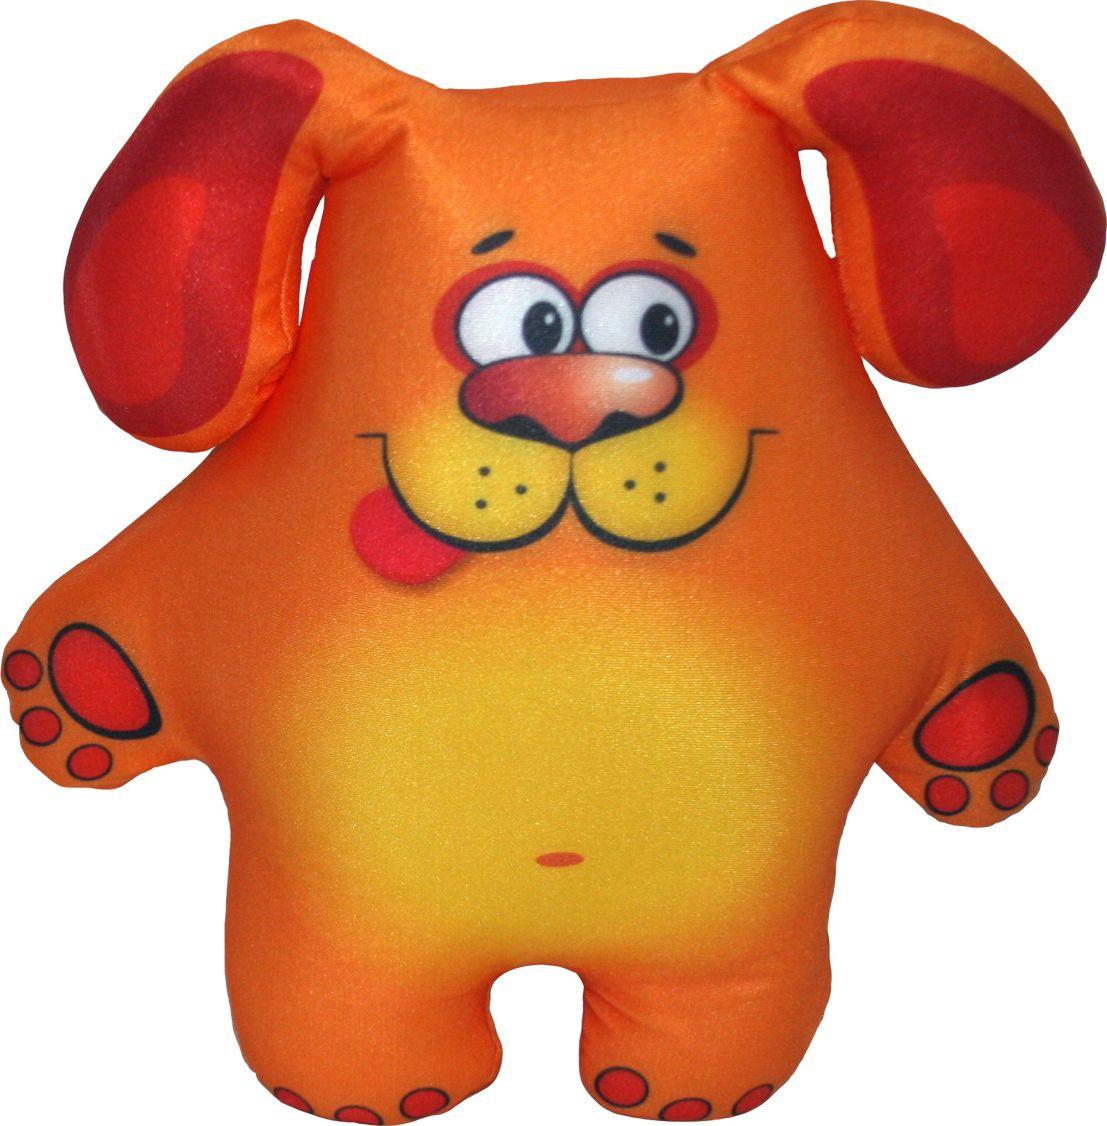 СмолТойс Мягкая игрушка Щенок-антистресс 31 см 2503/БЖ игрушка антистресс смолтойс миша 45 см